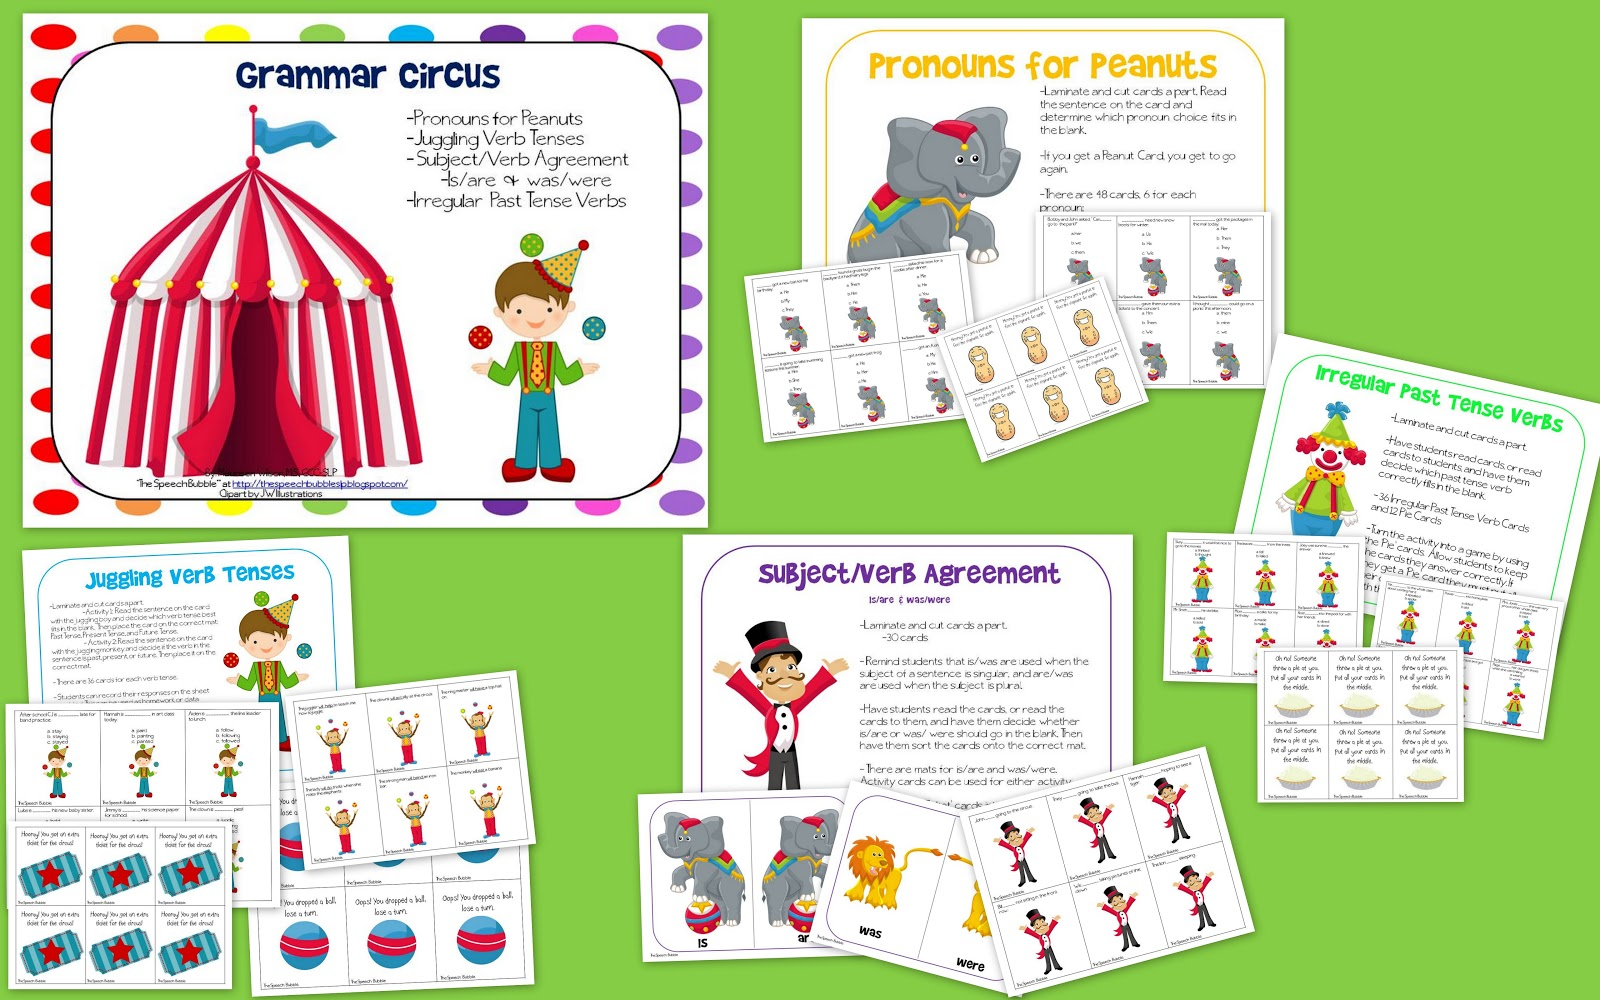 Grammar Circus